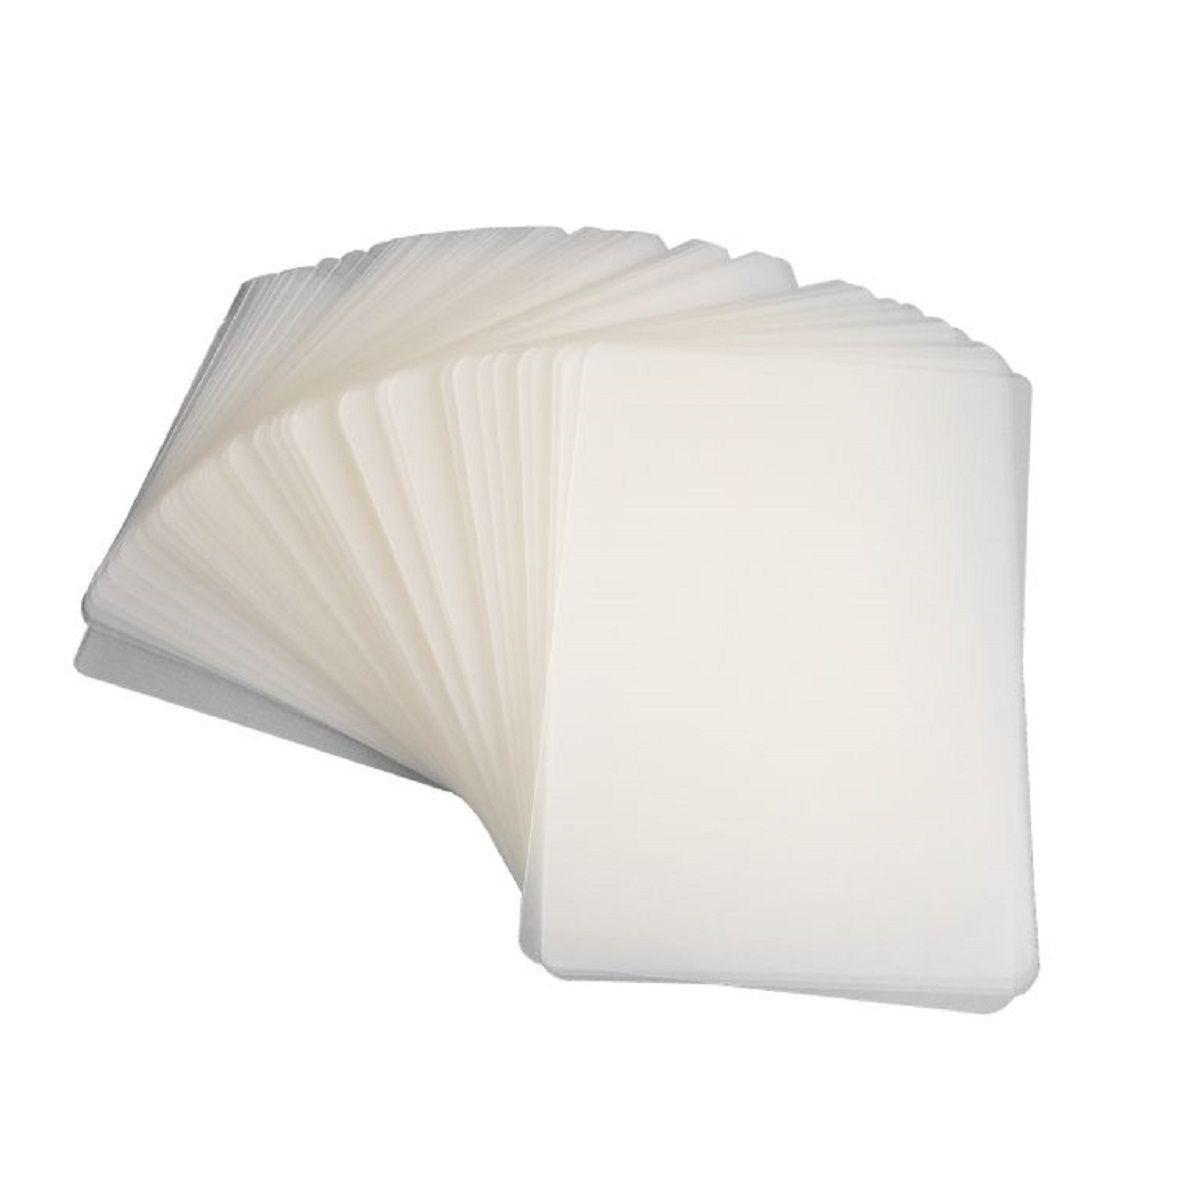 Polaseal para Plastificação Oficio 226x340x0,05mm (125 micras) - Pacote com 100 unidades  - Click Suprimentos